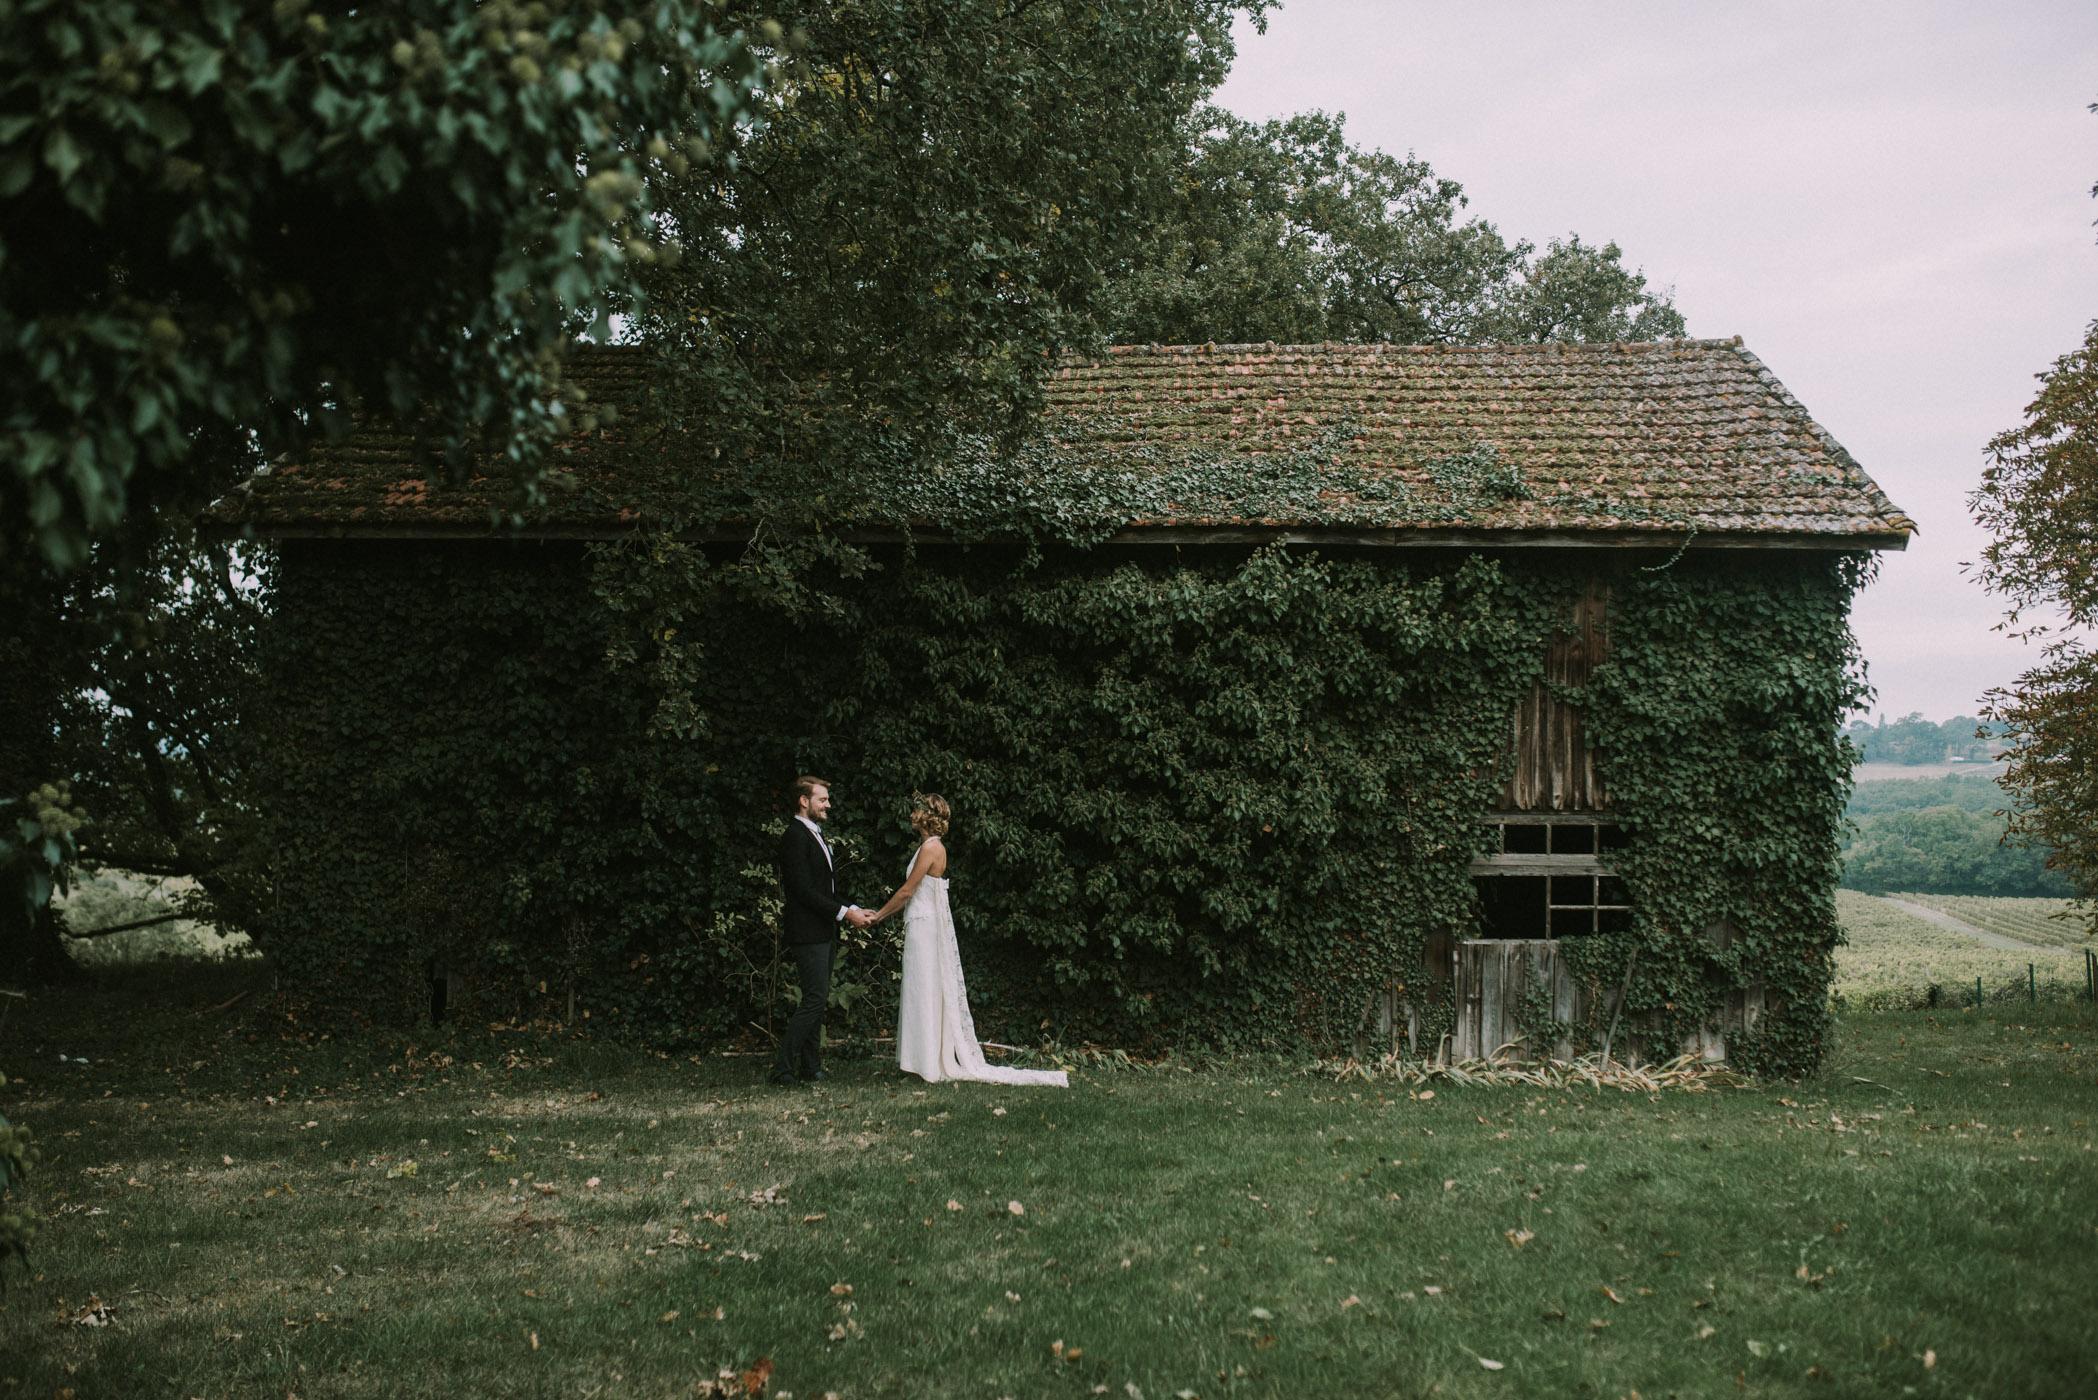 sun-drops-down-shooting-dinspiration-automnal-sous-les-bois-en-dordogne-blog-mariage-la-mariee-sous-les-etoiles-photo-mira-al-pajarito-54